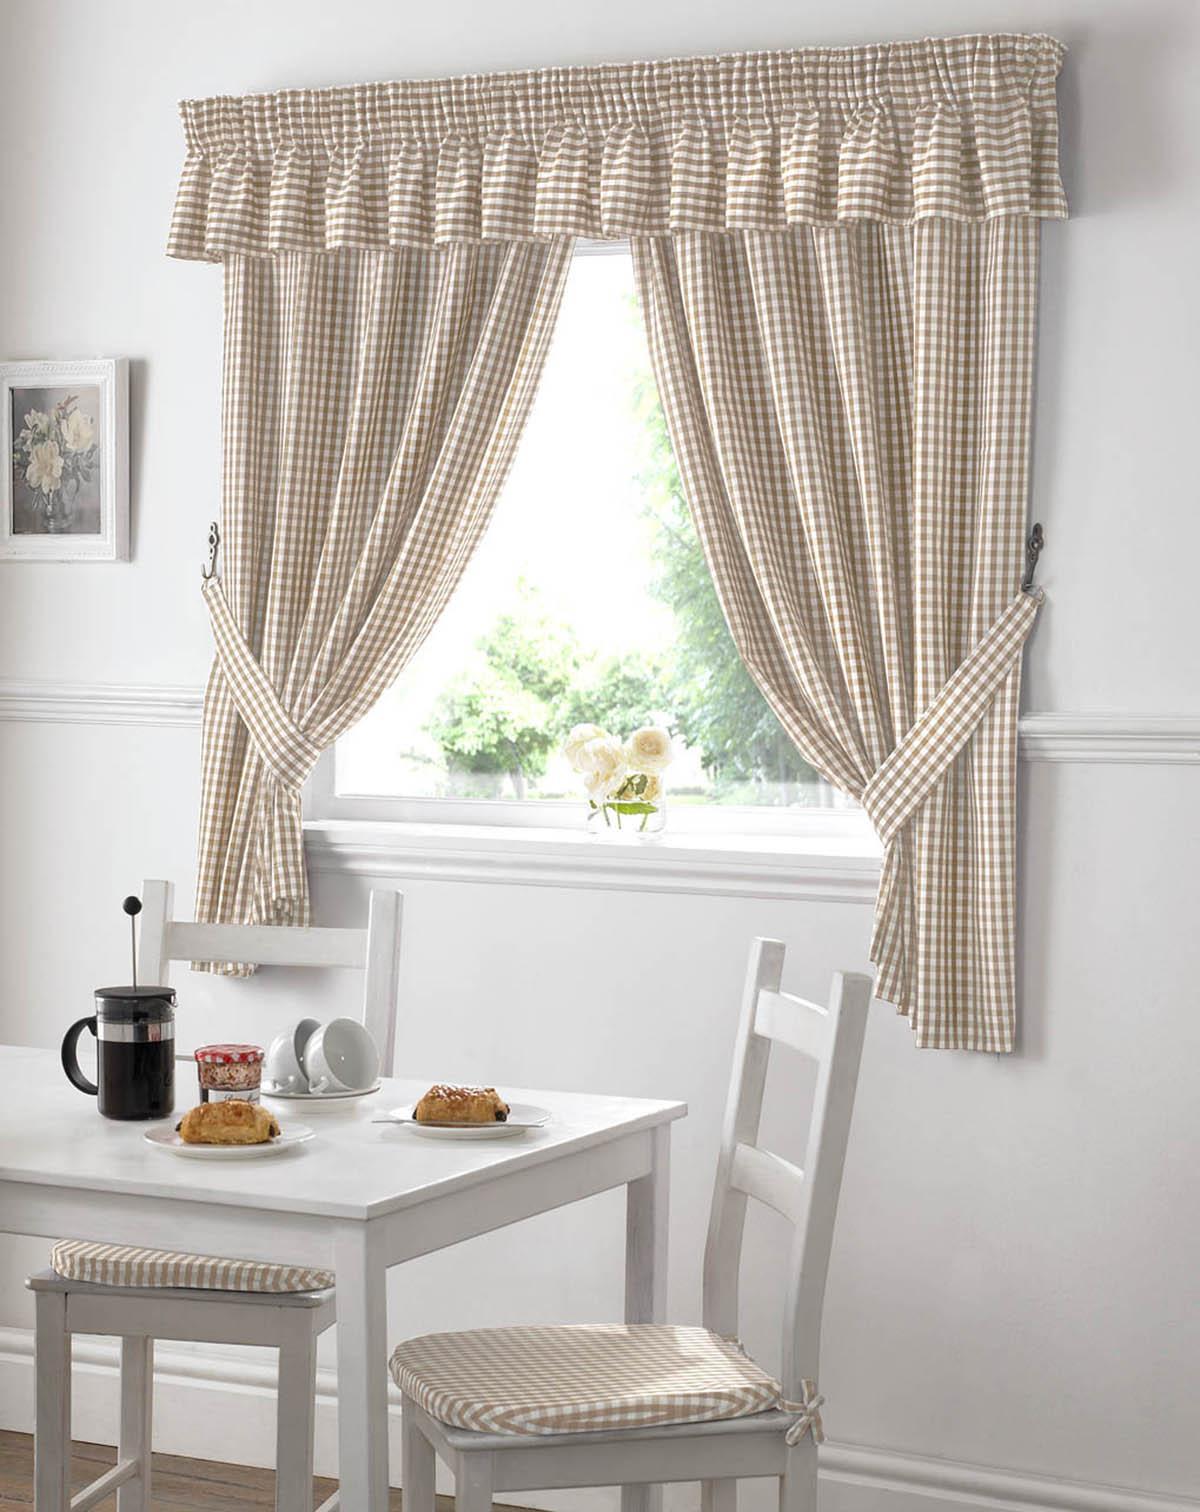 New Kitchen Curtains Uk ly Taste